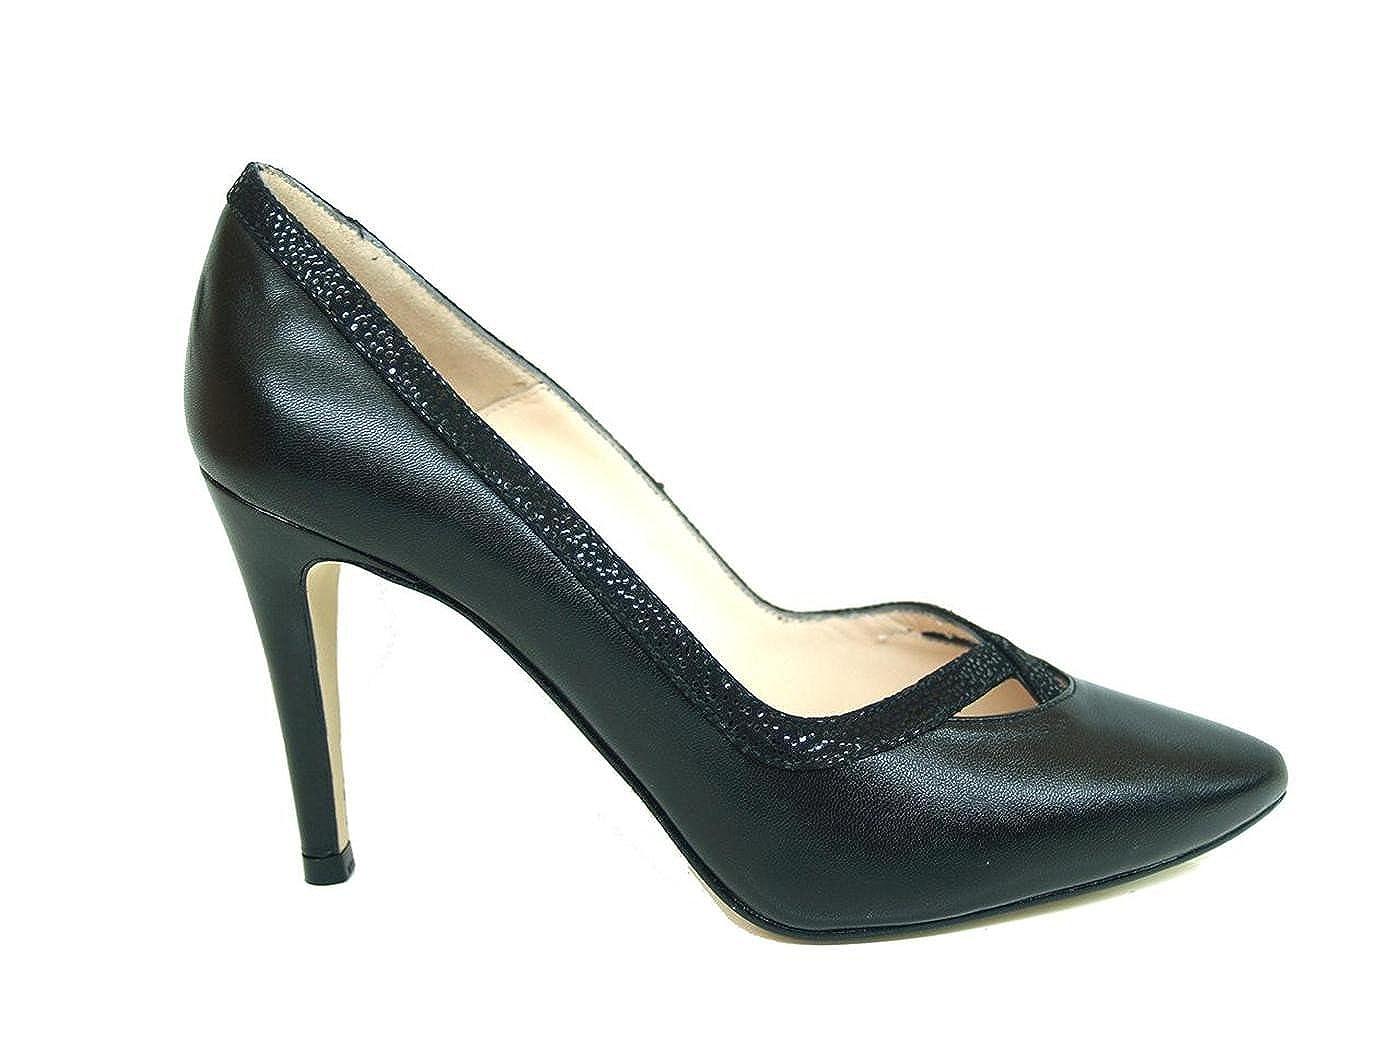 TALLA 36 EU. Gennia RICRUBLACK. - Zapatos de Piel para Mujer con Tacon Alto de Aguja 9 cm y Punta Fina Cerrada